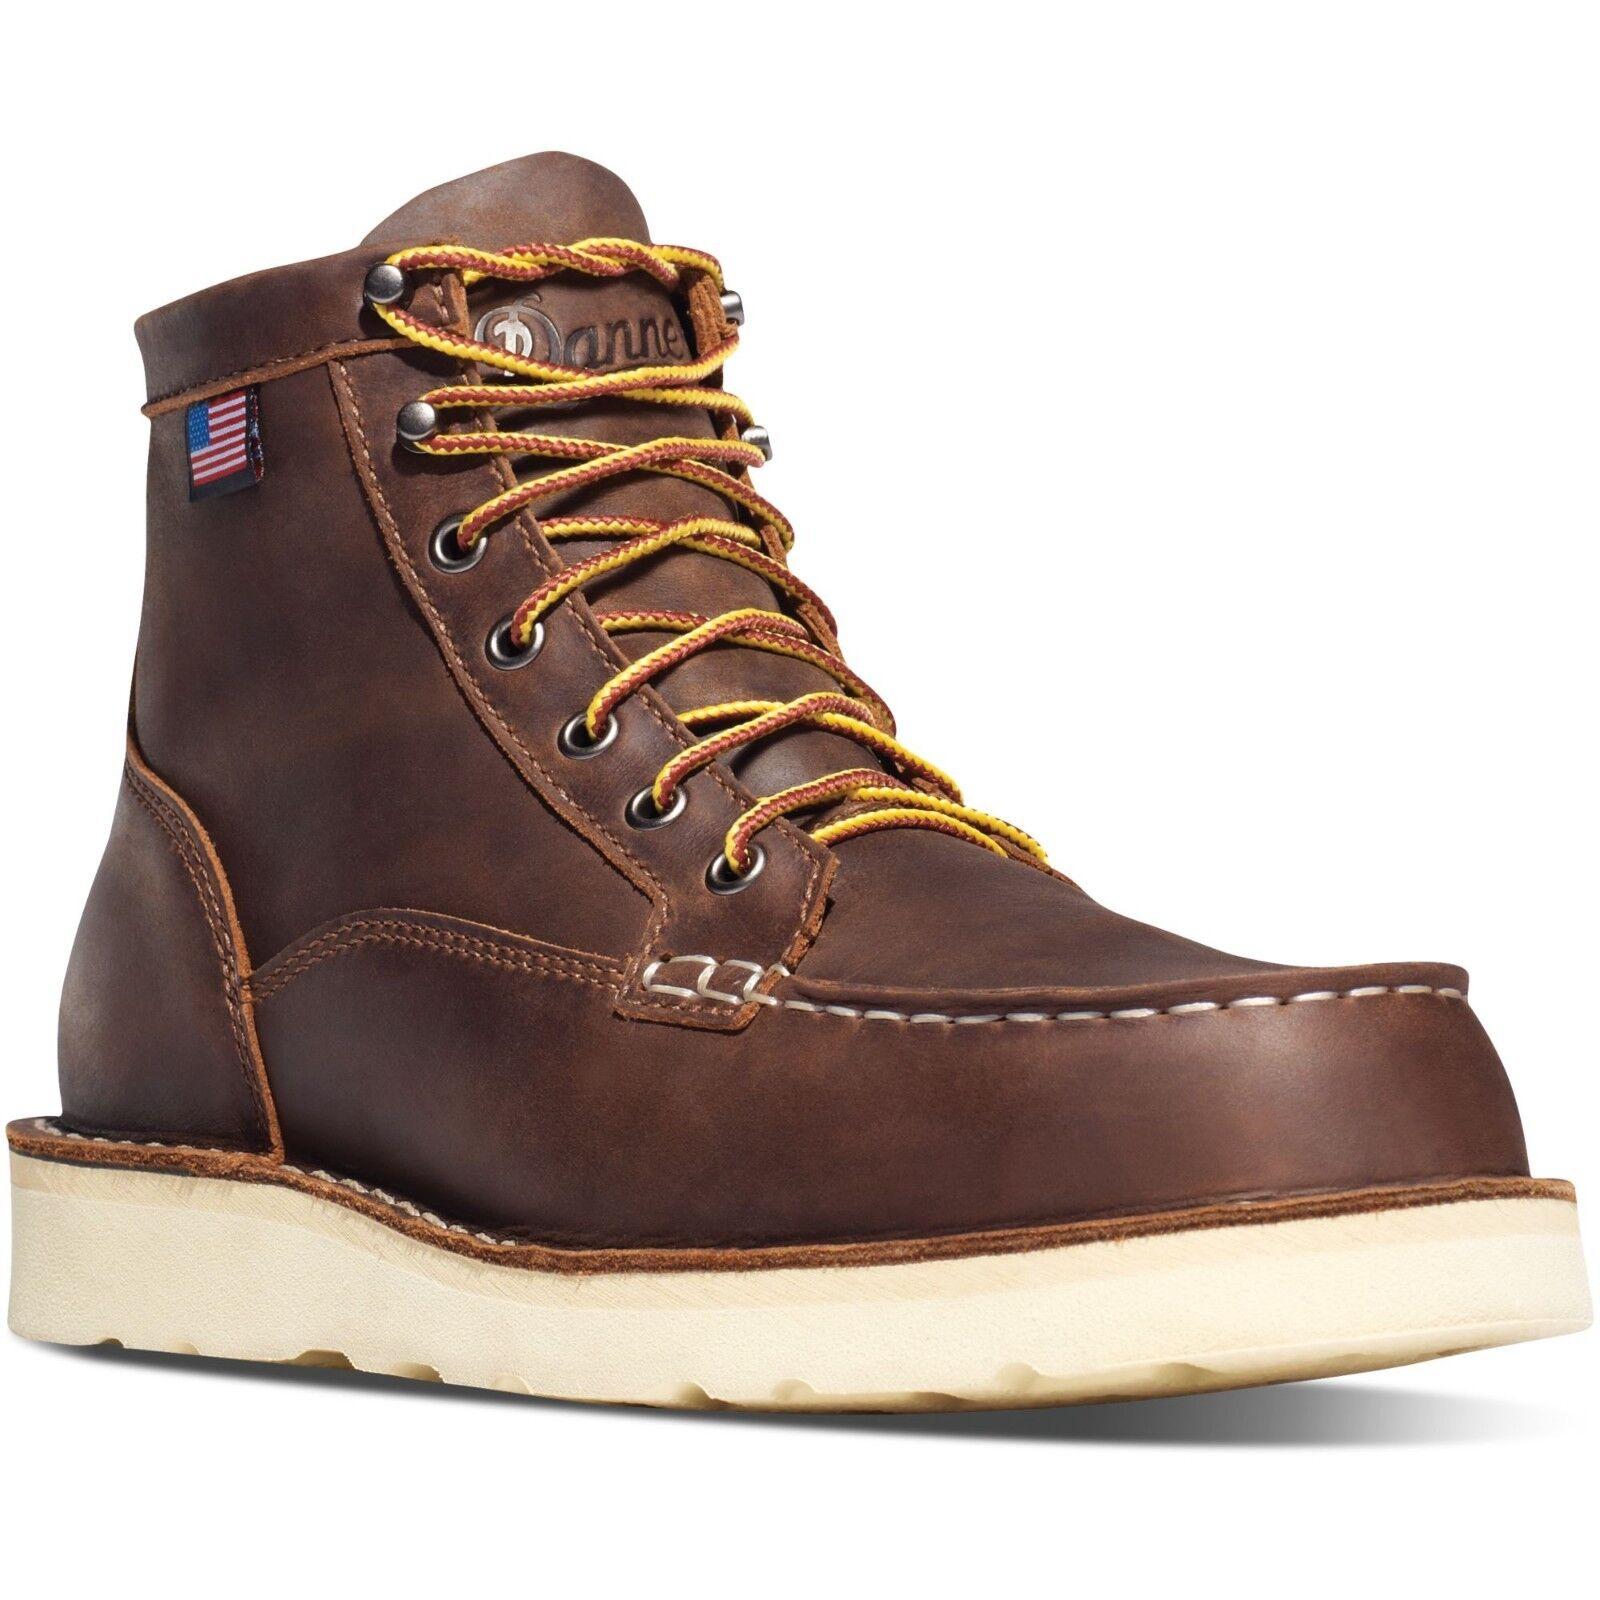 Danner para hombre 15563 Bull Moc Toe 6  Marrón Cuero Run EH botas Zapatos De Seguridad De Trabajo